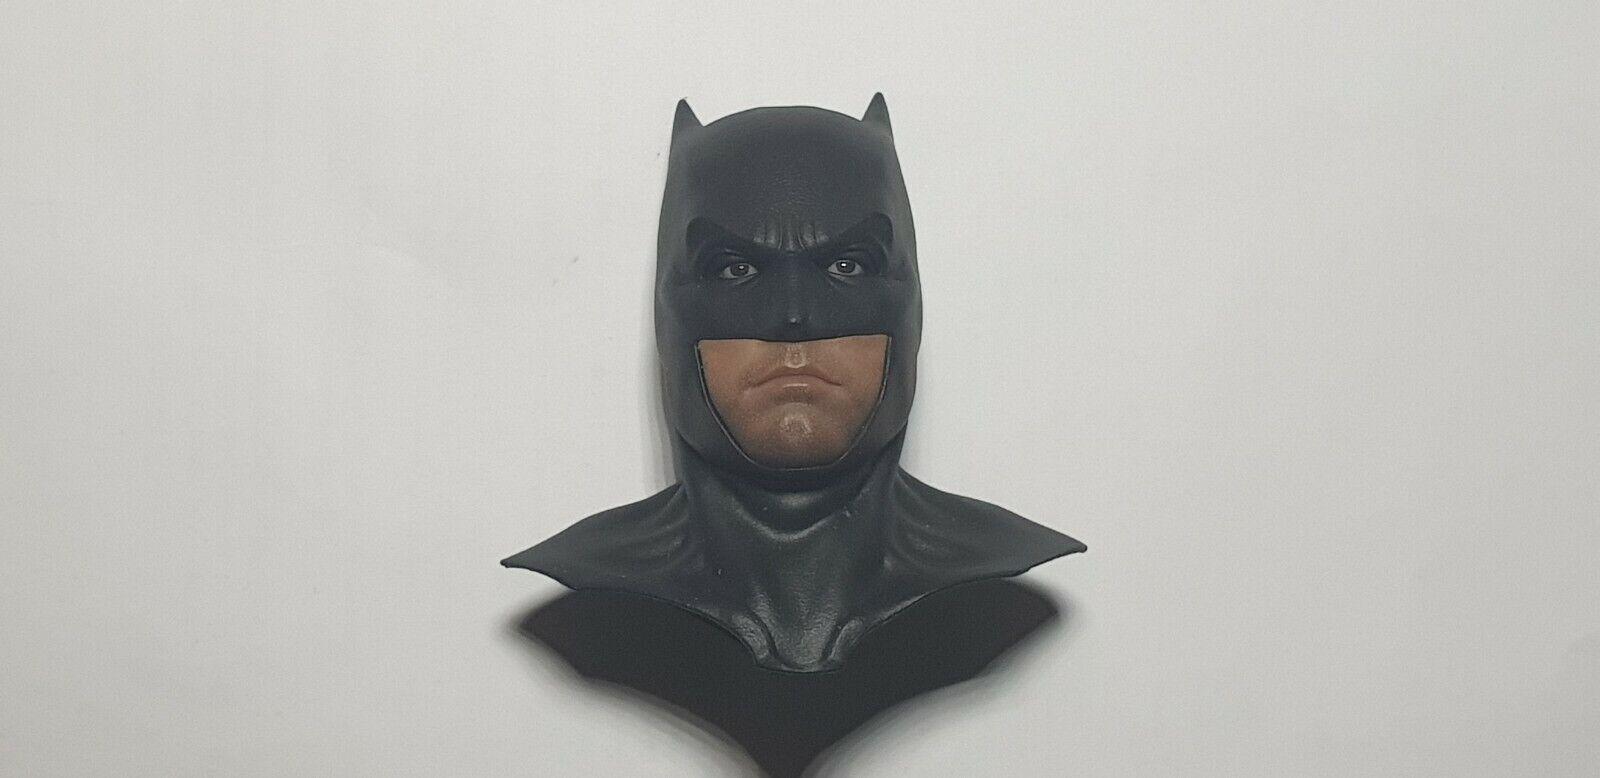 Batman Justice League Head Hot Juguetes